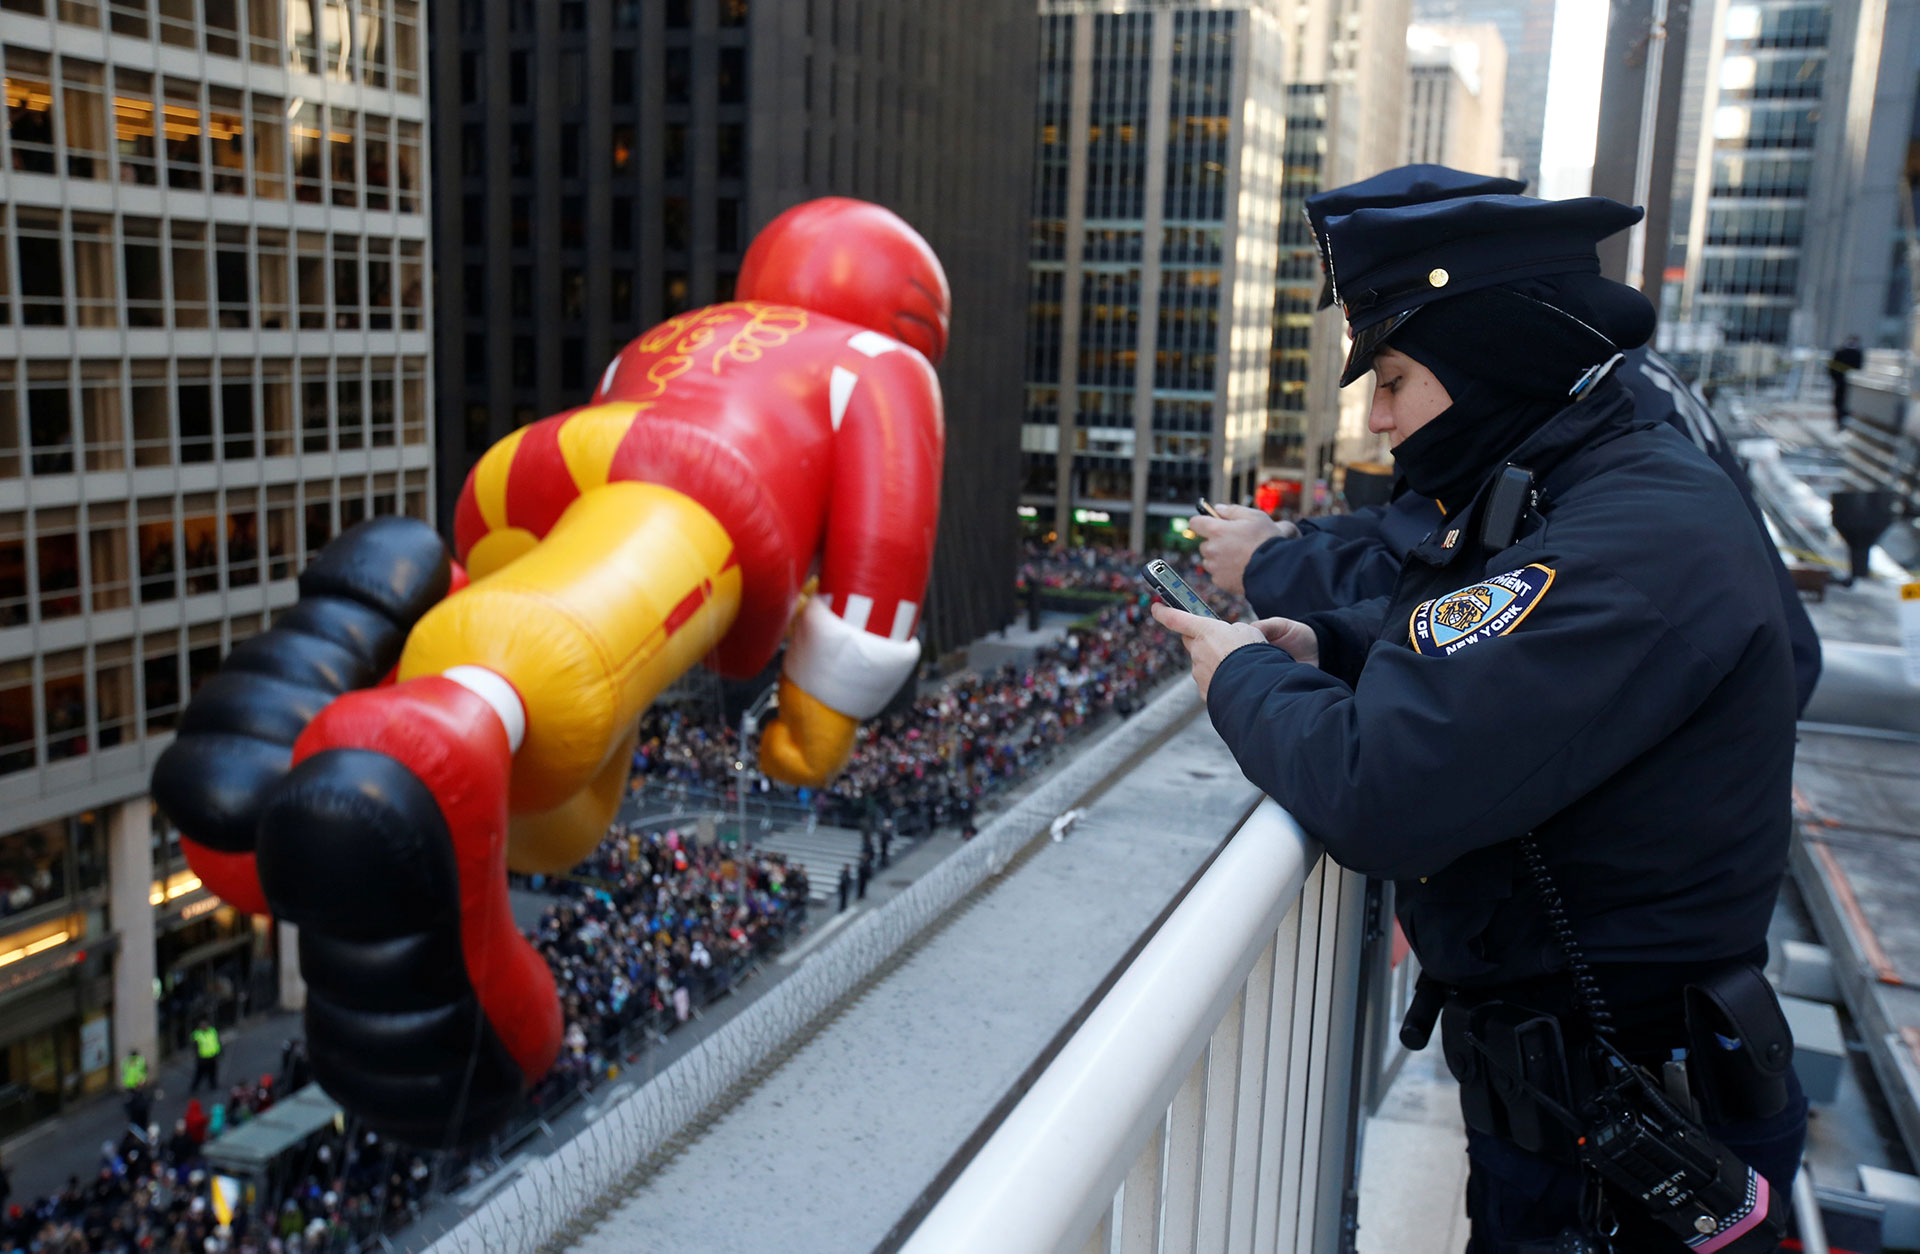 Los oficiales del Departamento de Policía de la Ciudad de Nueva York observan cómo el globo de Ronald McDonald desciende por la Sexta Avenida durante el Desfile del Día de Acción de Gracias de Macy's en el distrito de Manhattan de la ciudad de Nueva York, The York, Estados Unidos, el 23 de noviembre de 2017. (Reuters)